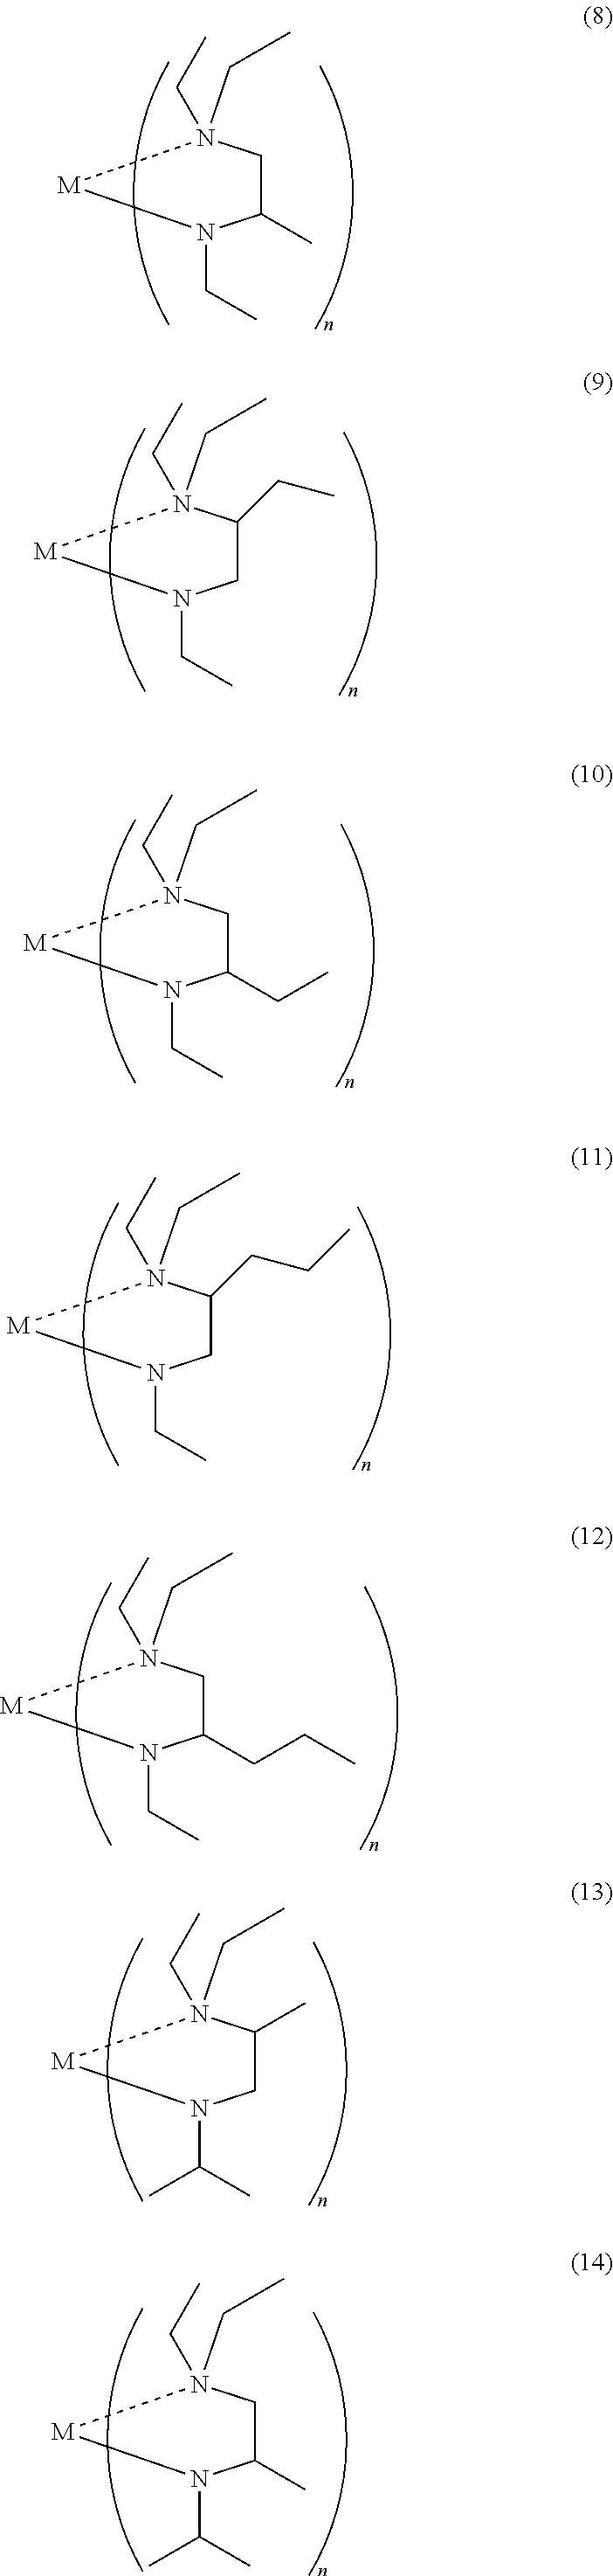 Figure US08871304-20141028-C00014